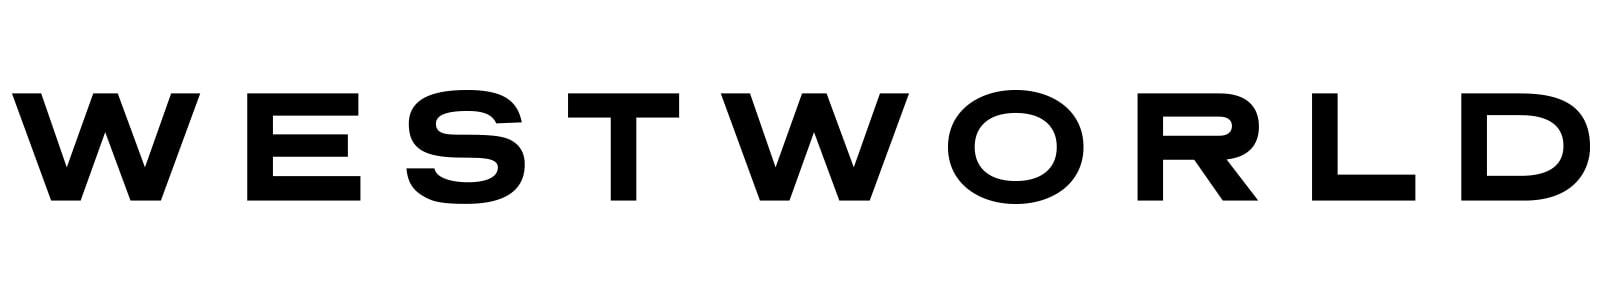 Westworld 3 trama, cast e anticipazioni. Quando inizia le serie tv